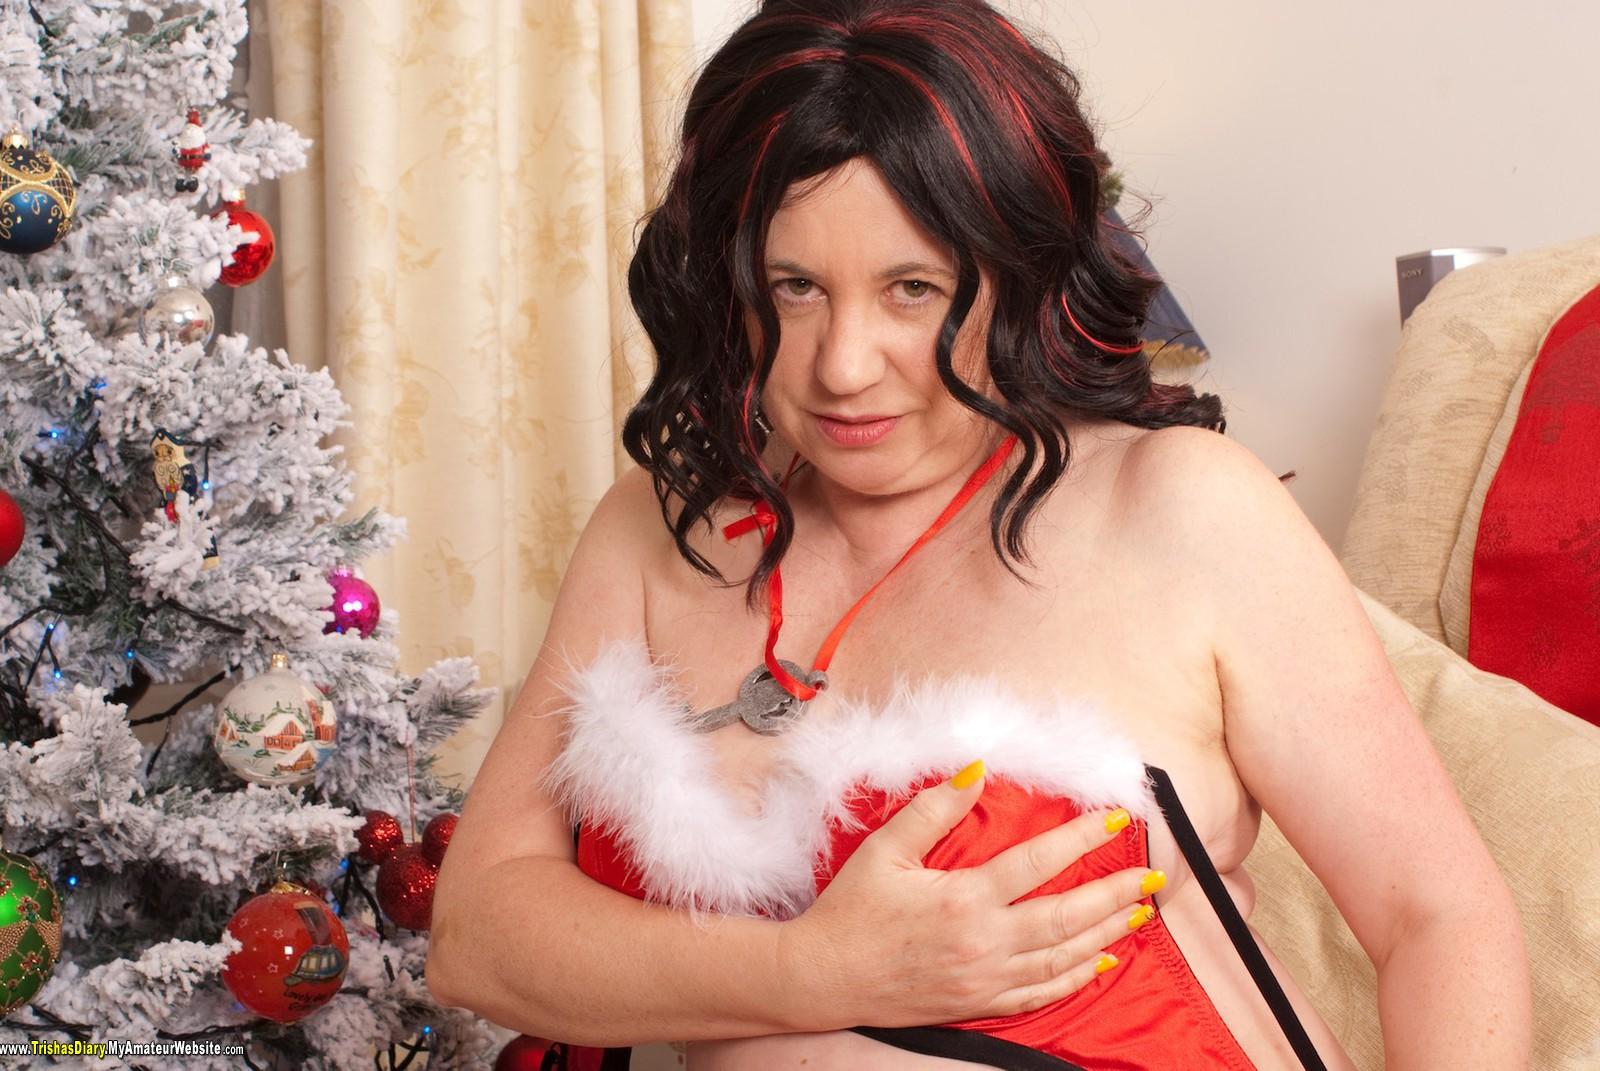 TrishasDiary - I Love Christmas